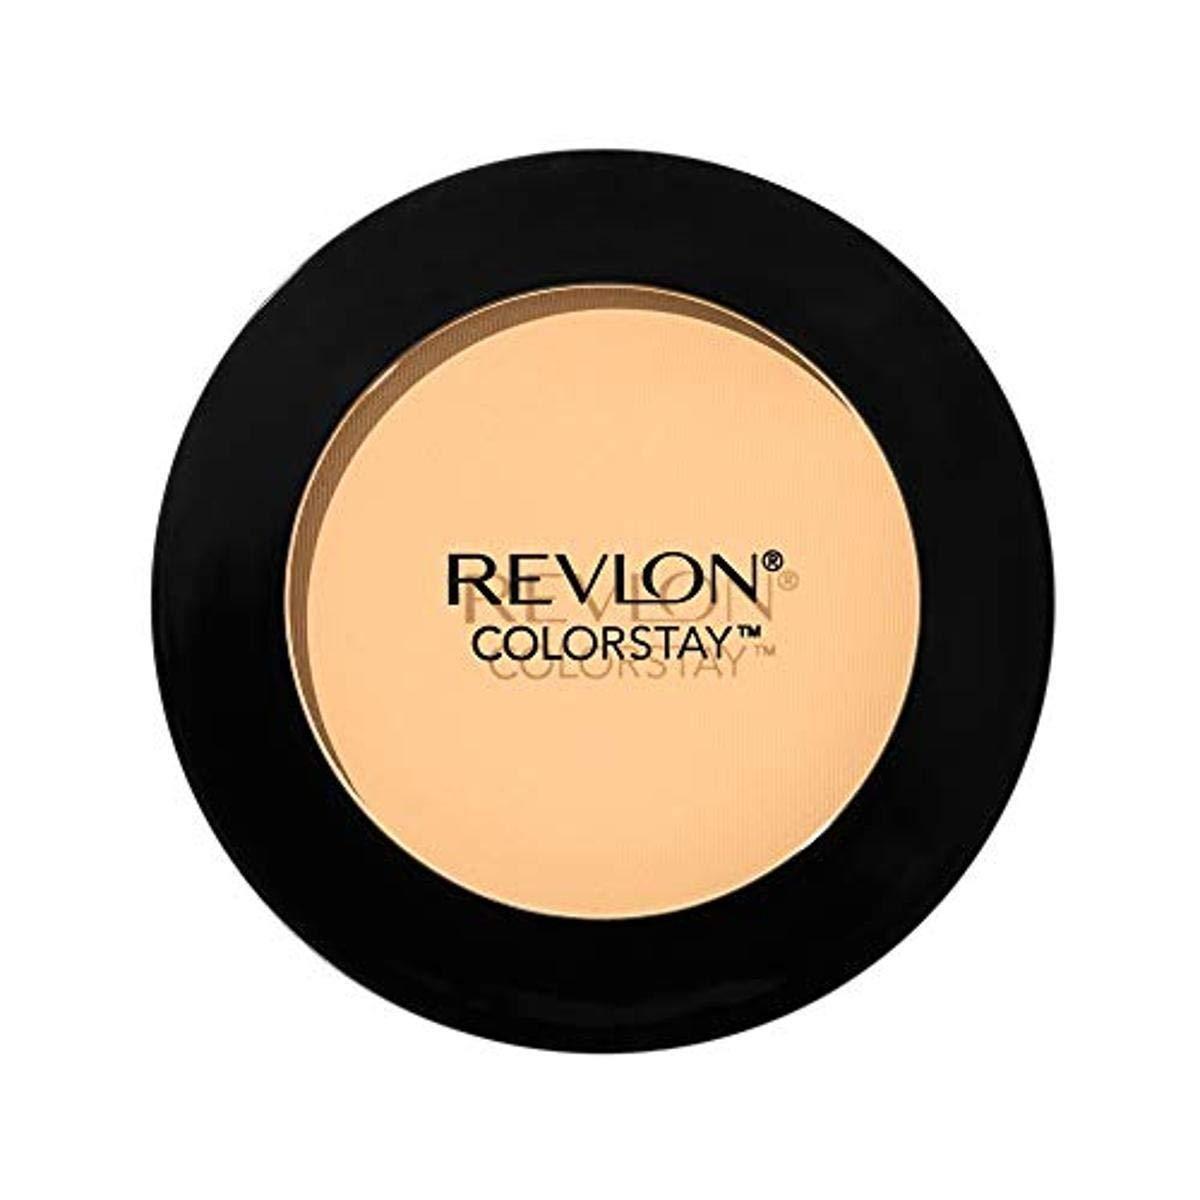 Non-comedogenic compact powder for oily skin